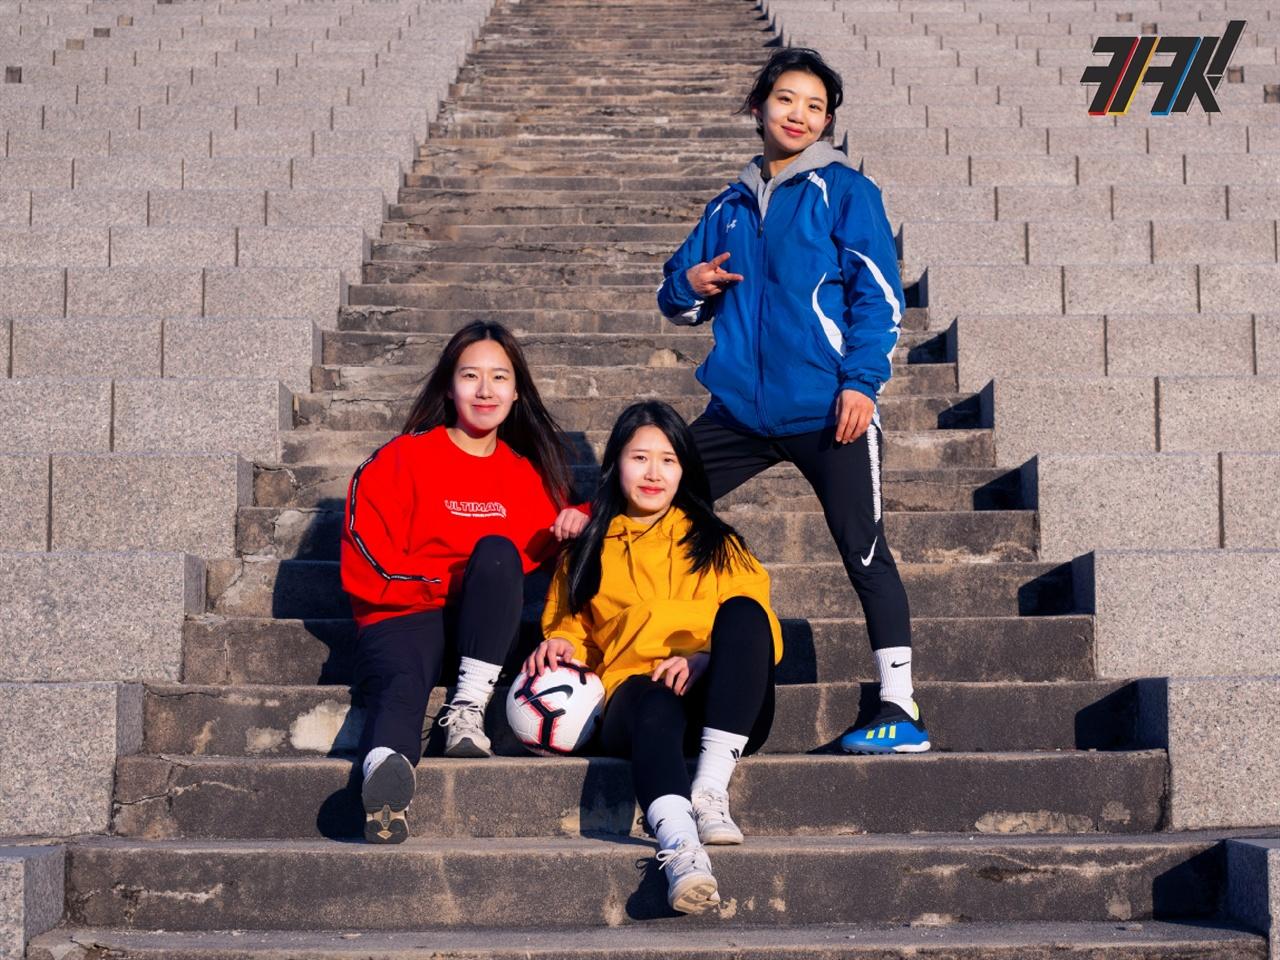 키킷의 세 크리에이터. 왼쪽부터 임선영, 김선경, 엄다영